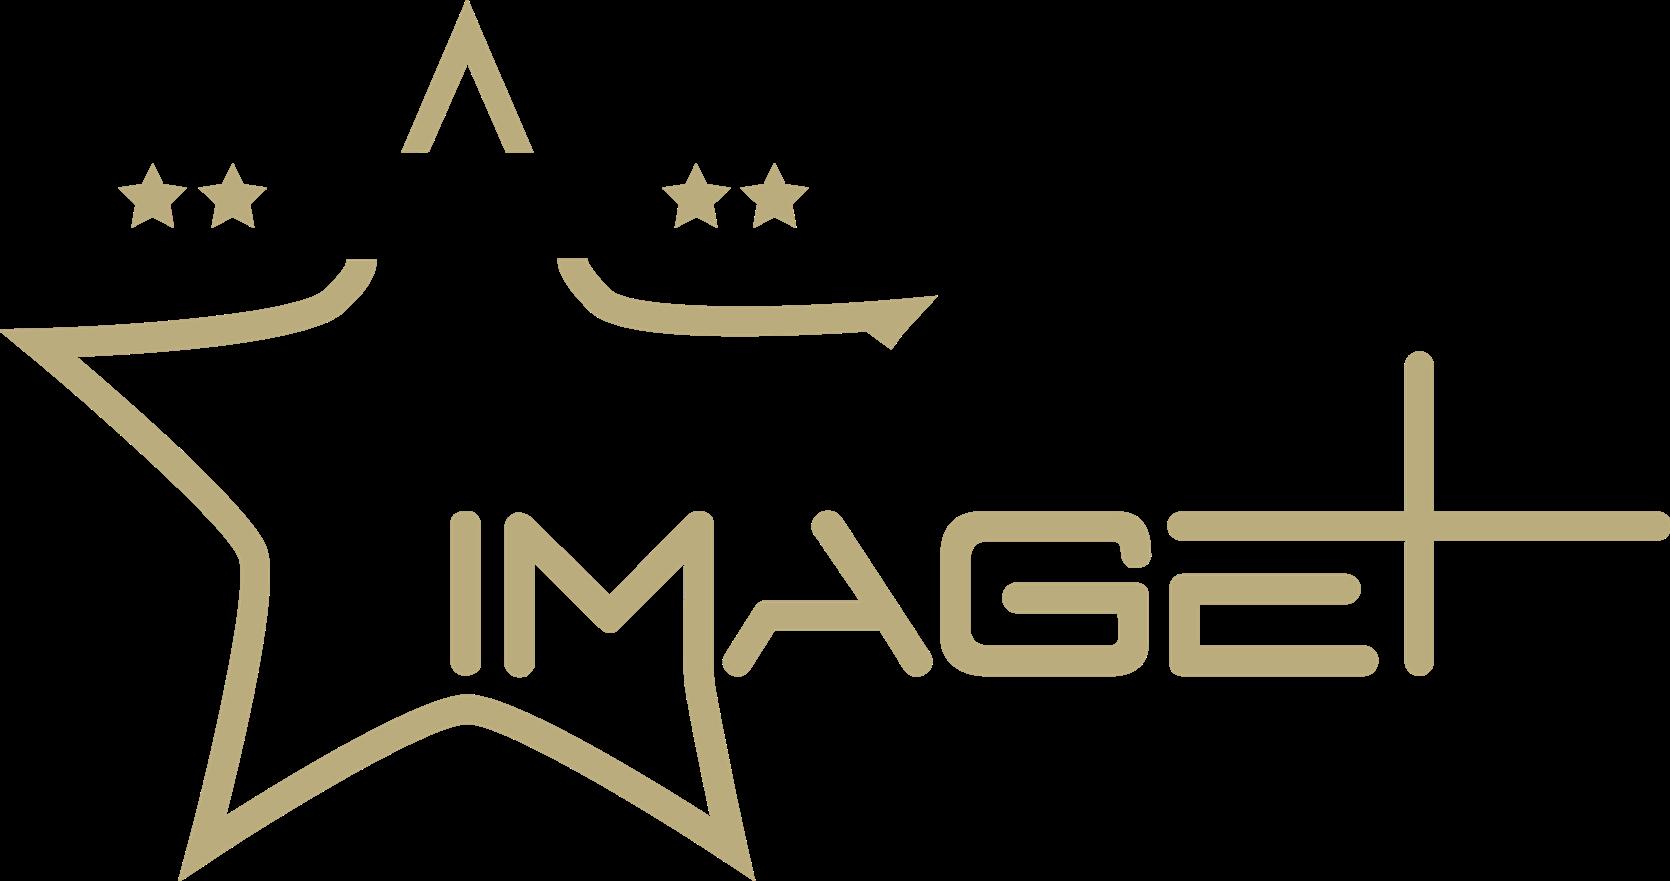 AwardsLogo2017-Winner